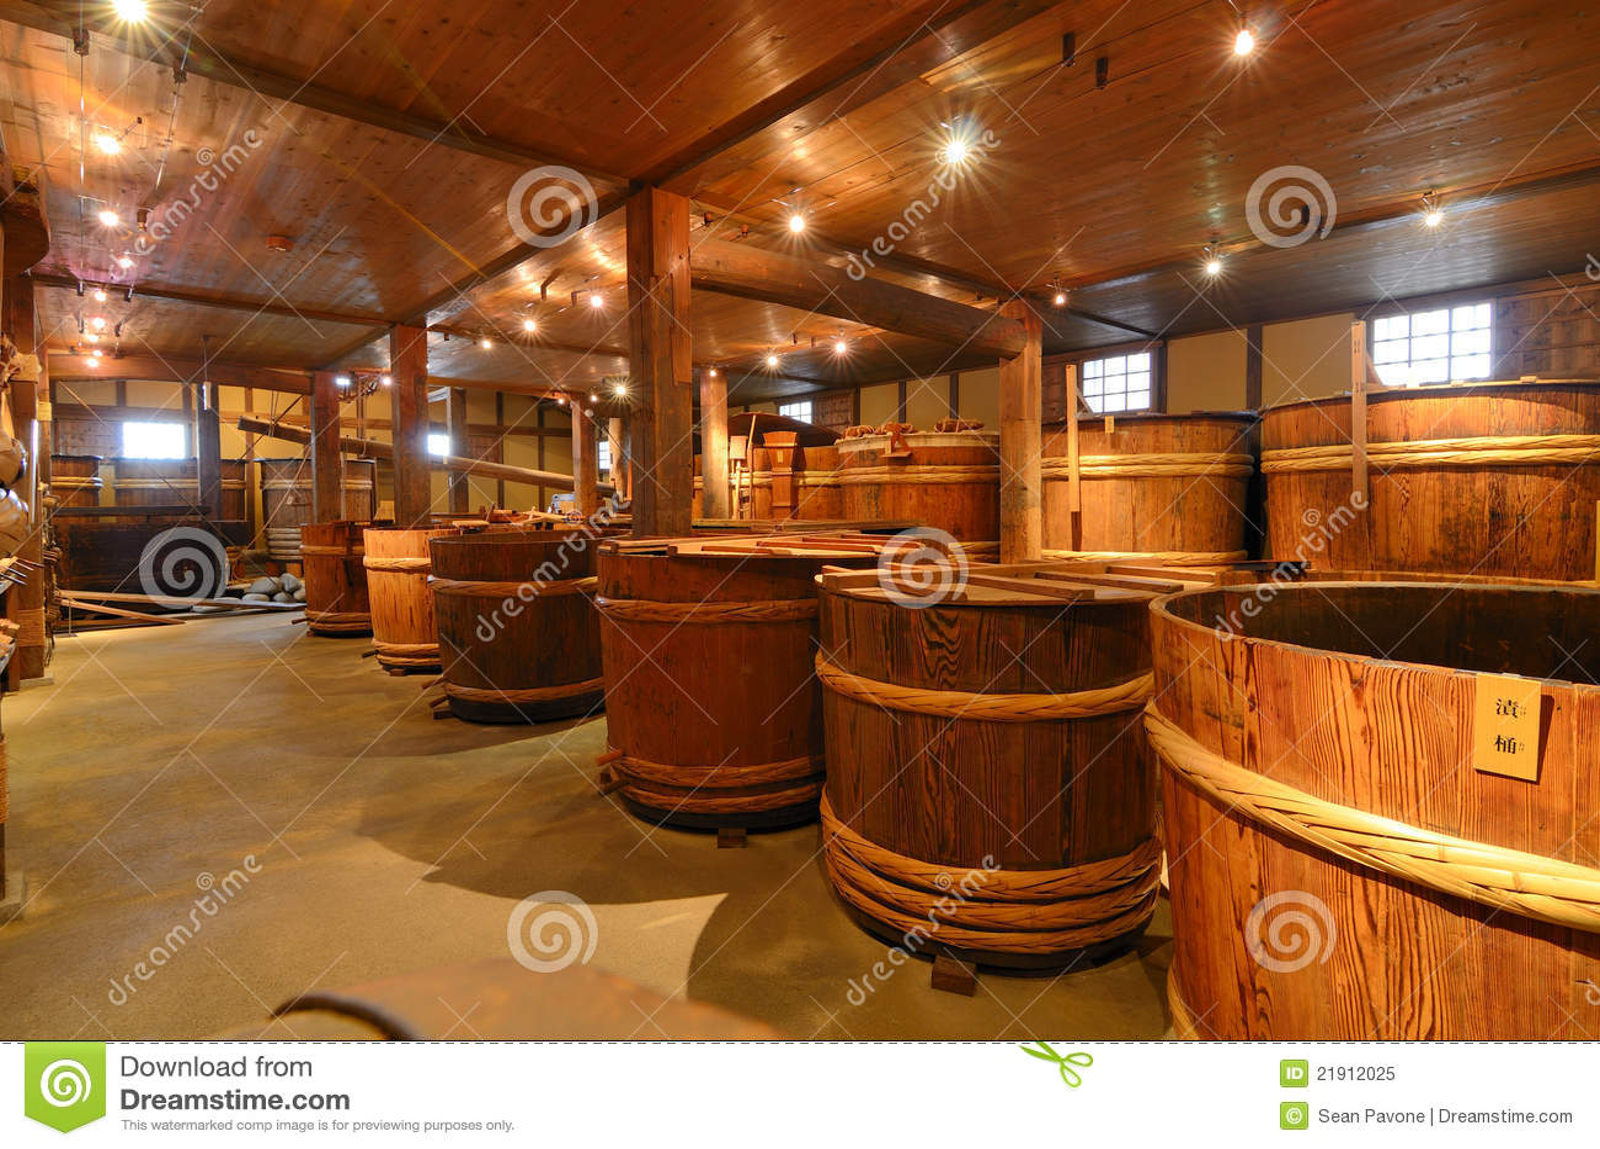 Sake Brewery Editorial Image  Image 21912025